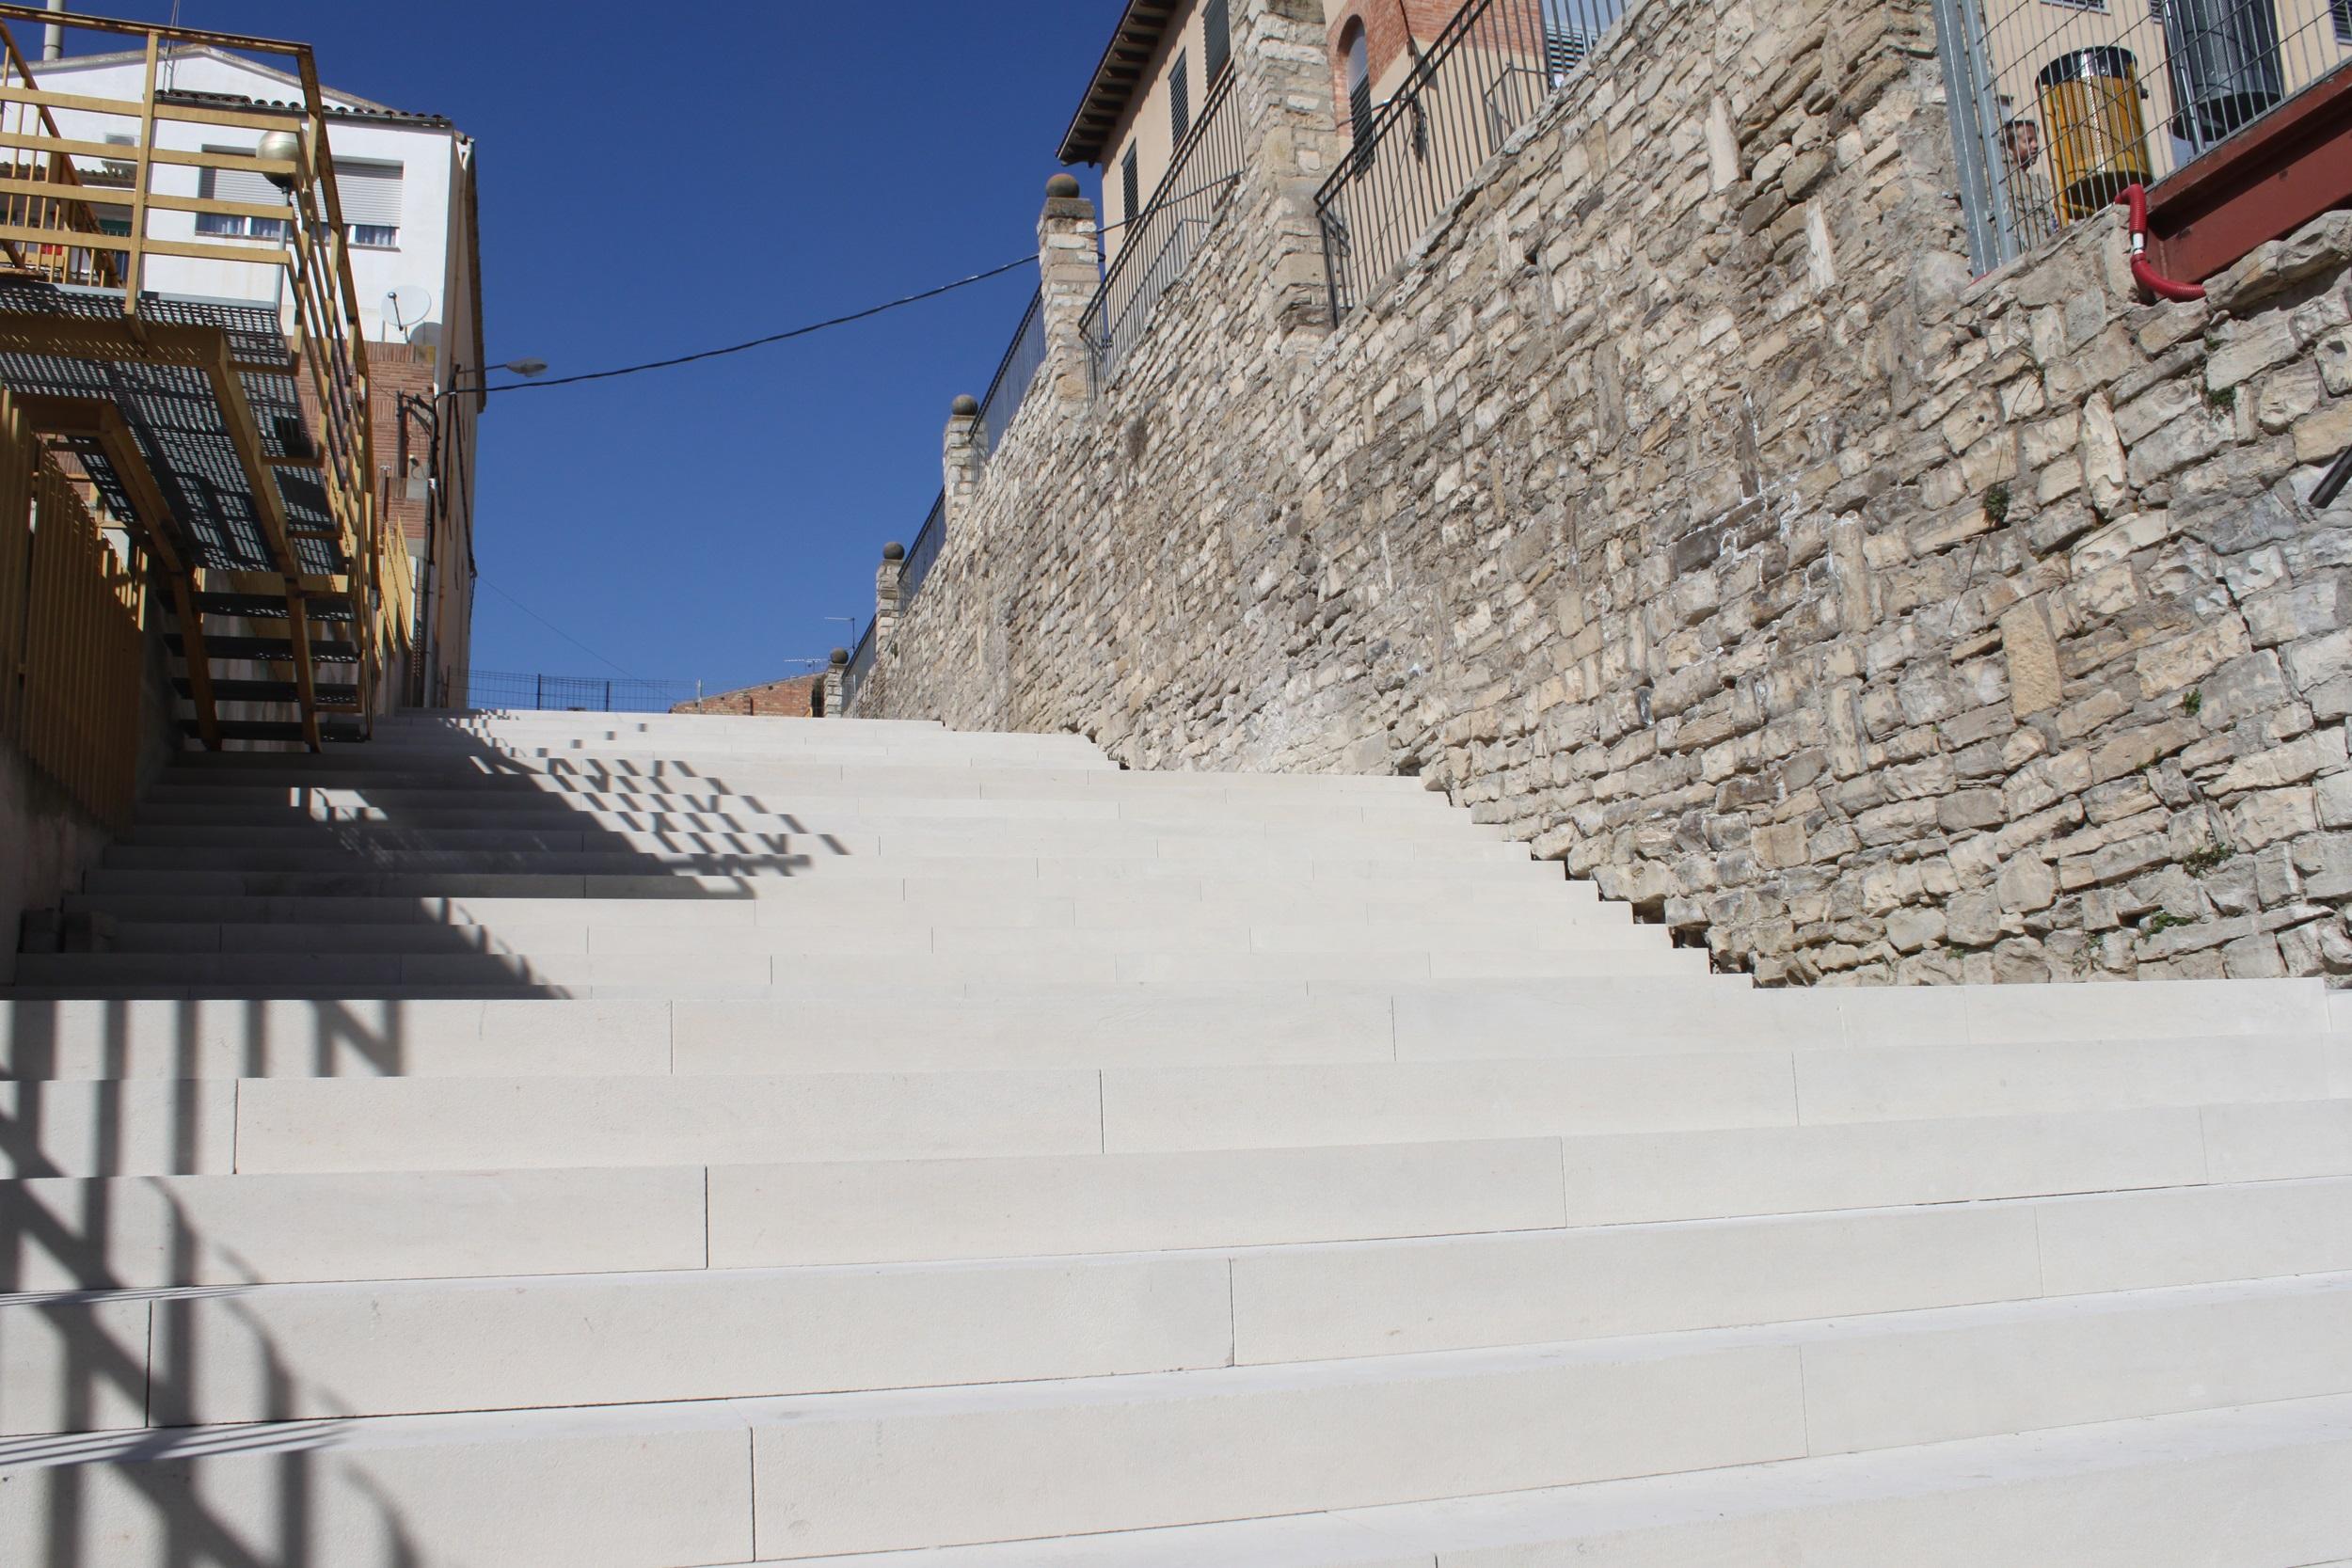 L'Ajuntament de Tàrrega ultima la renovació de l'escalinata situada entre el Col·legi Jacint Verdaguer i l'Escola Municipal de Música